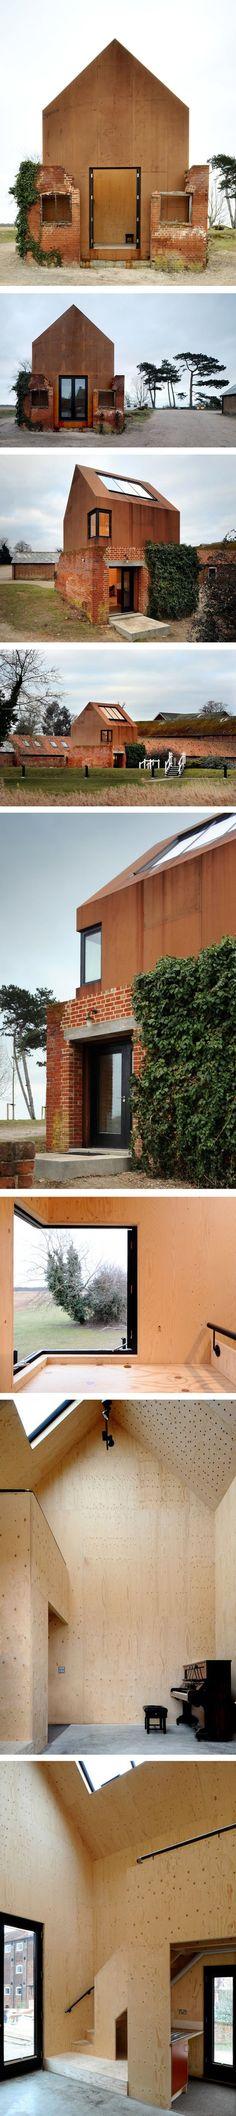 The Dovecote Studio: